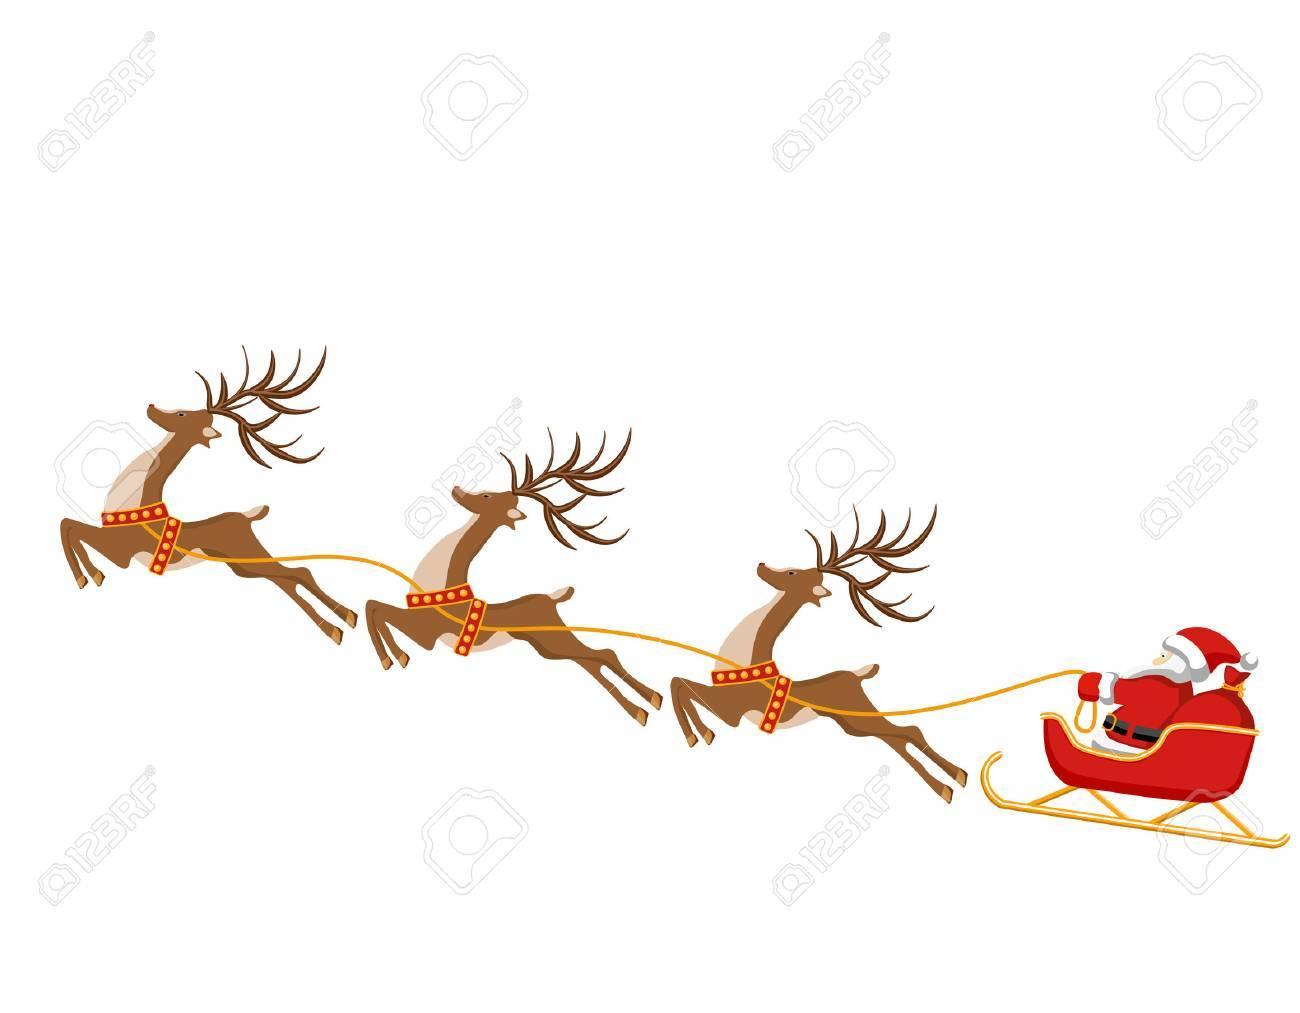 Nouvel An Noel Dessin De Cerf Et Traineau Du Pere Noel En